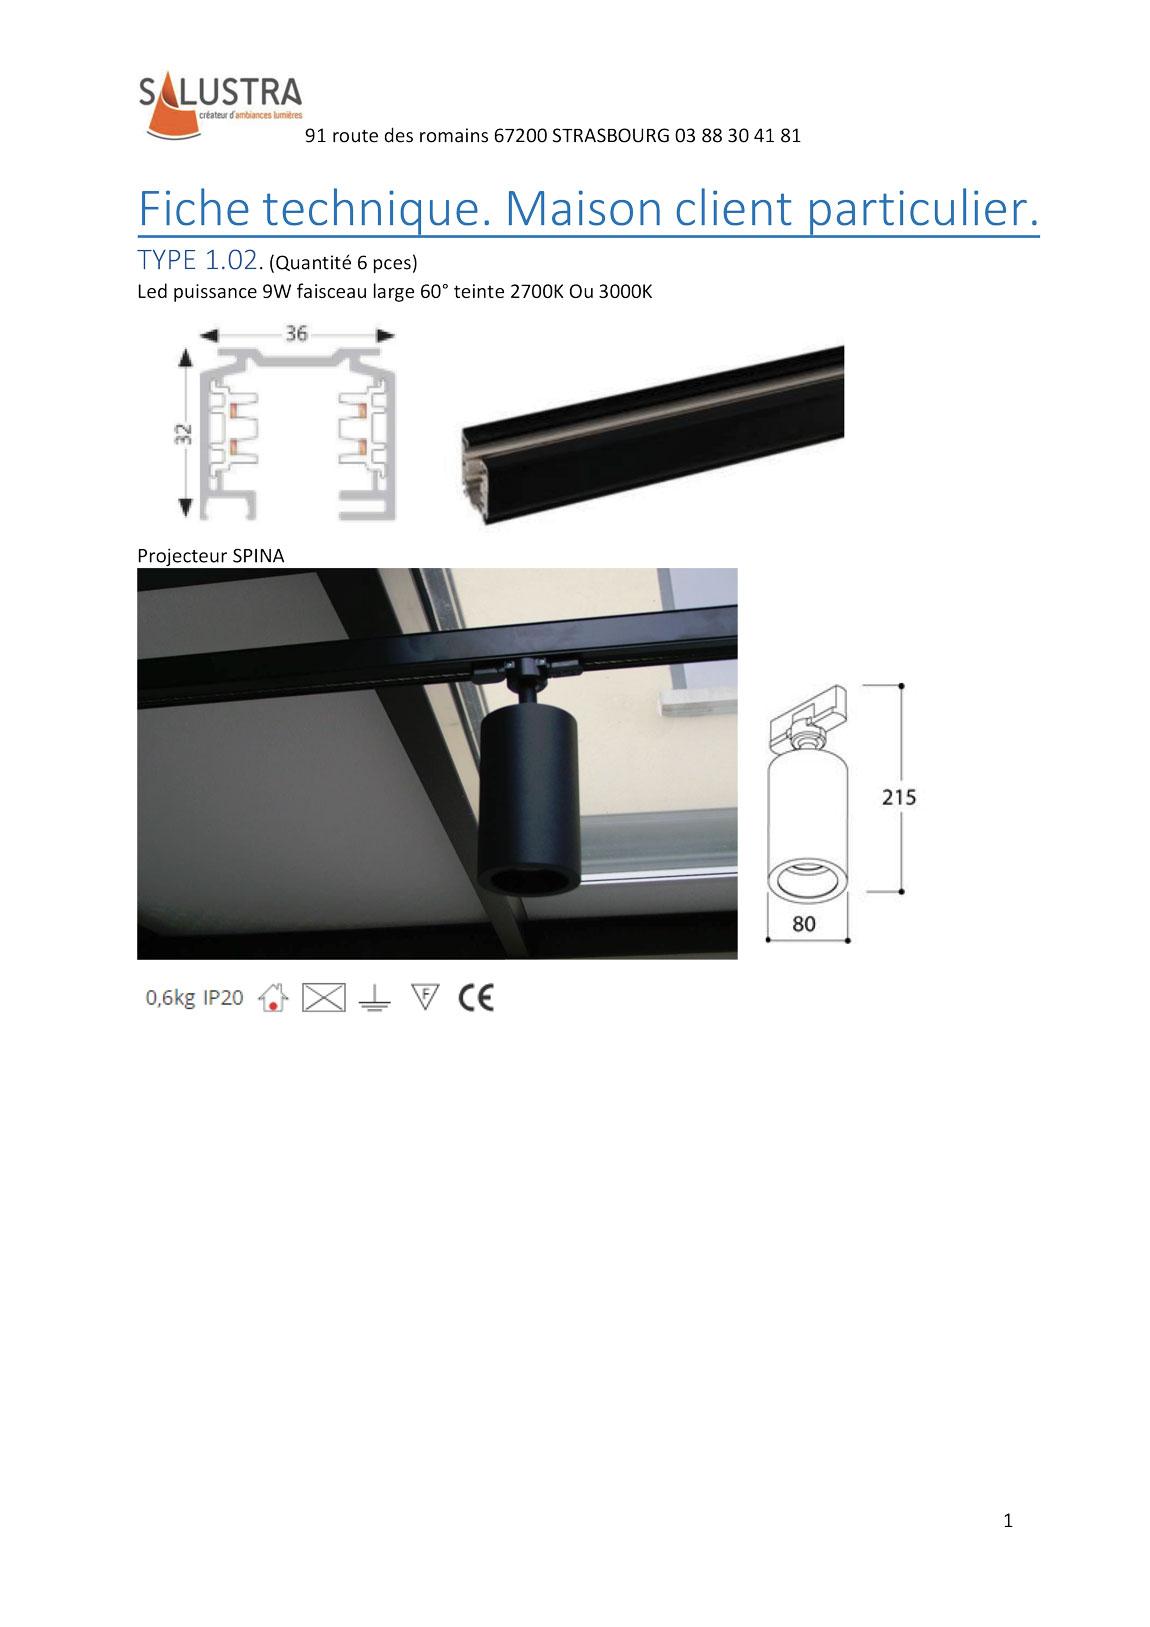 fiche technique projet particulier